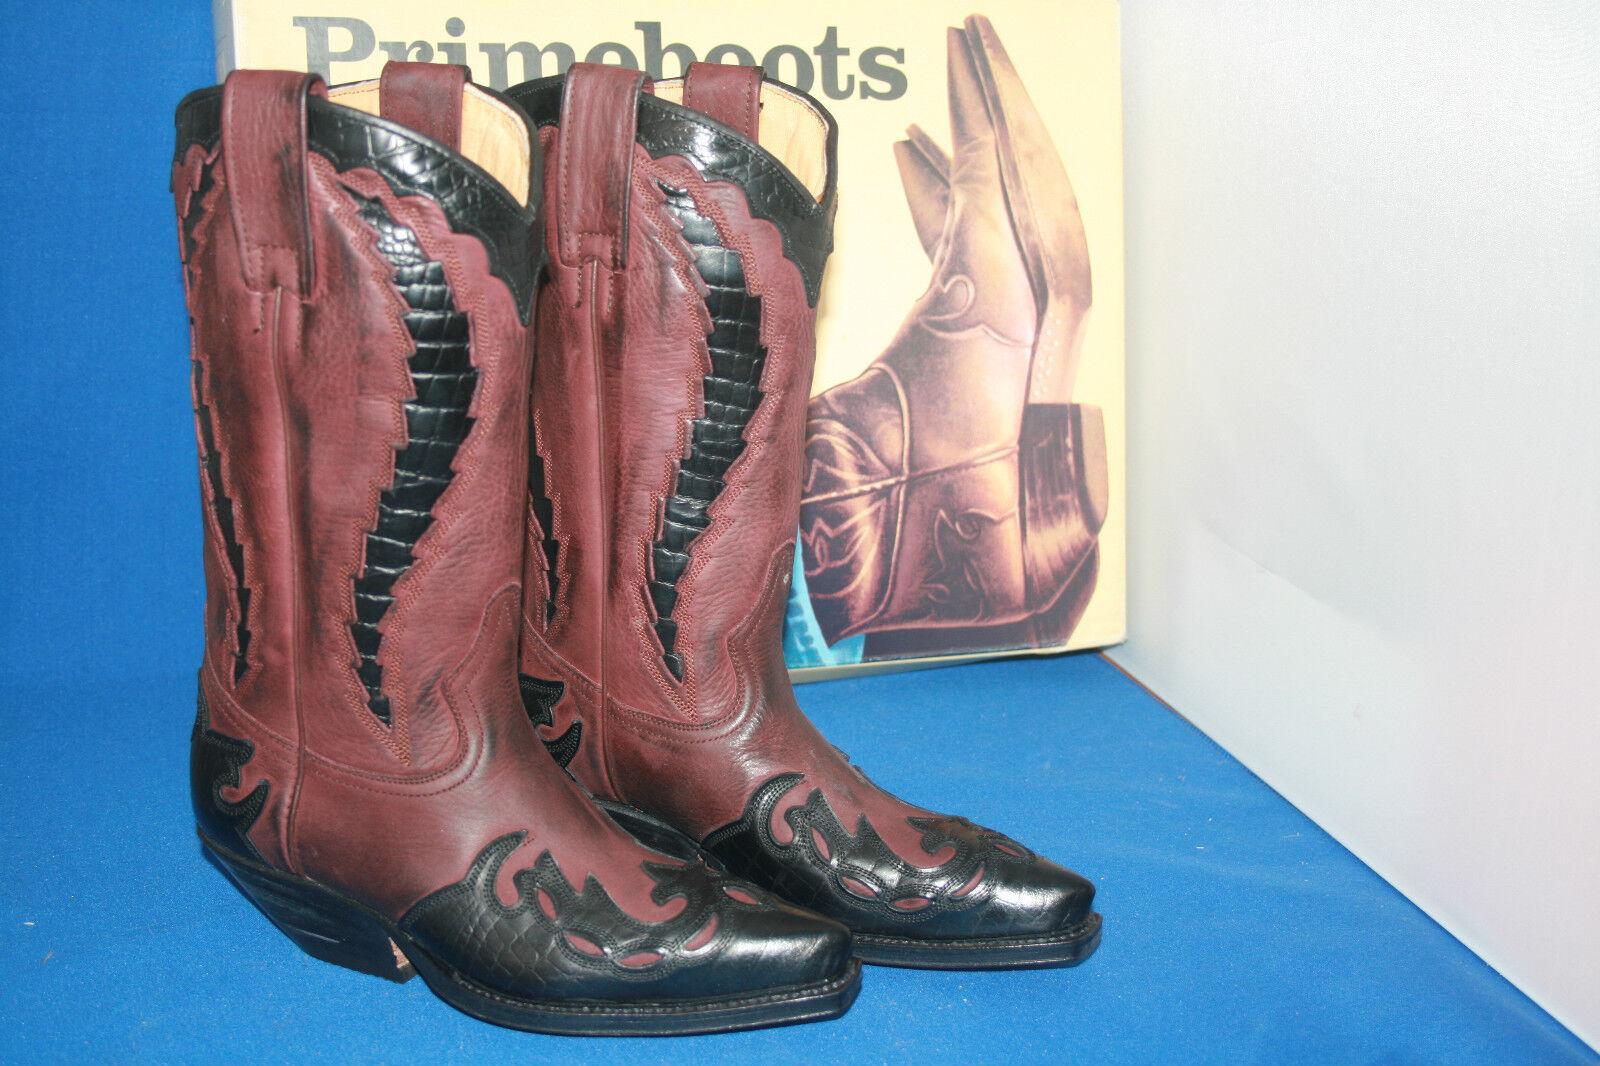 Prime Boots Cowboystiefel westernstiefel  stiefel neu gr. 36  marron croco negro